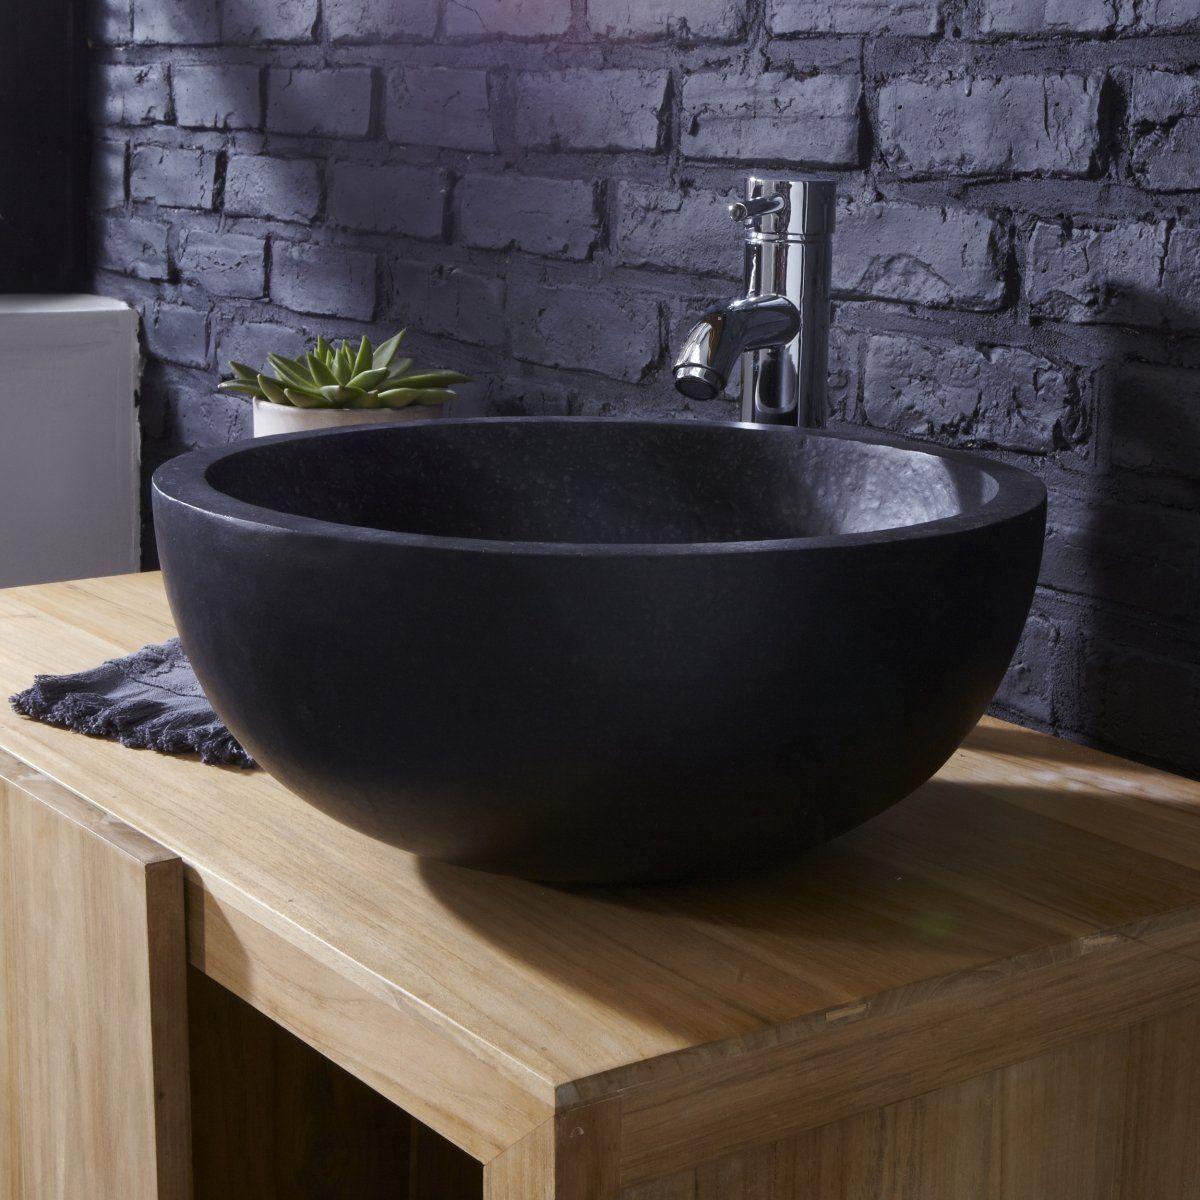 aufsatzwaschbecken waschbecken terrazzo schwarz badezimmer. Black Bedroom Furniture Sets. Home Design Ideas